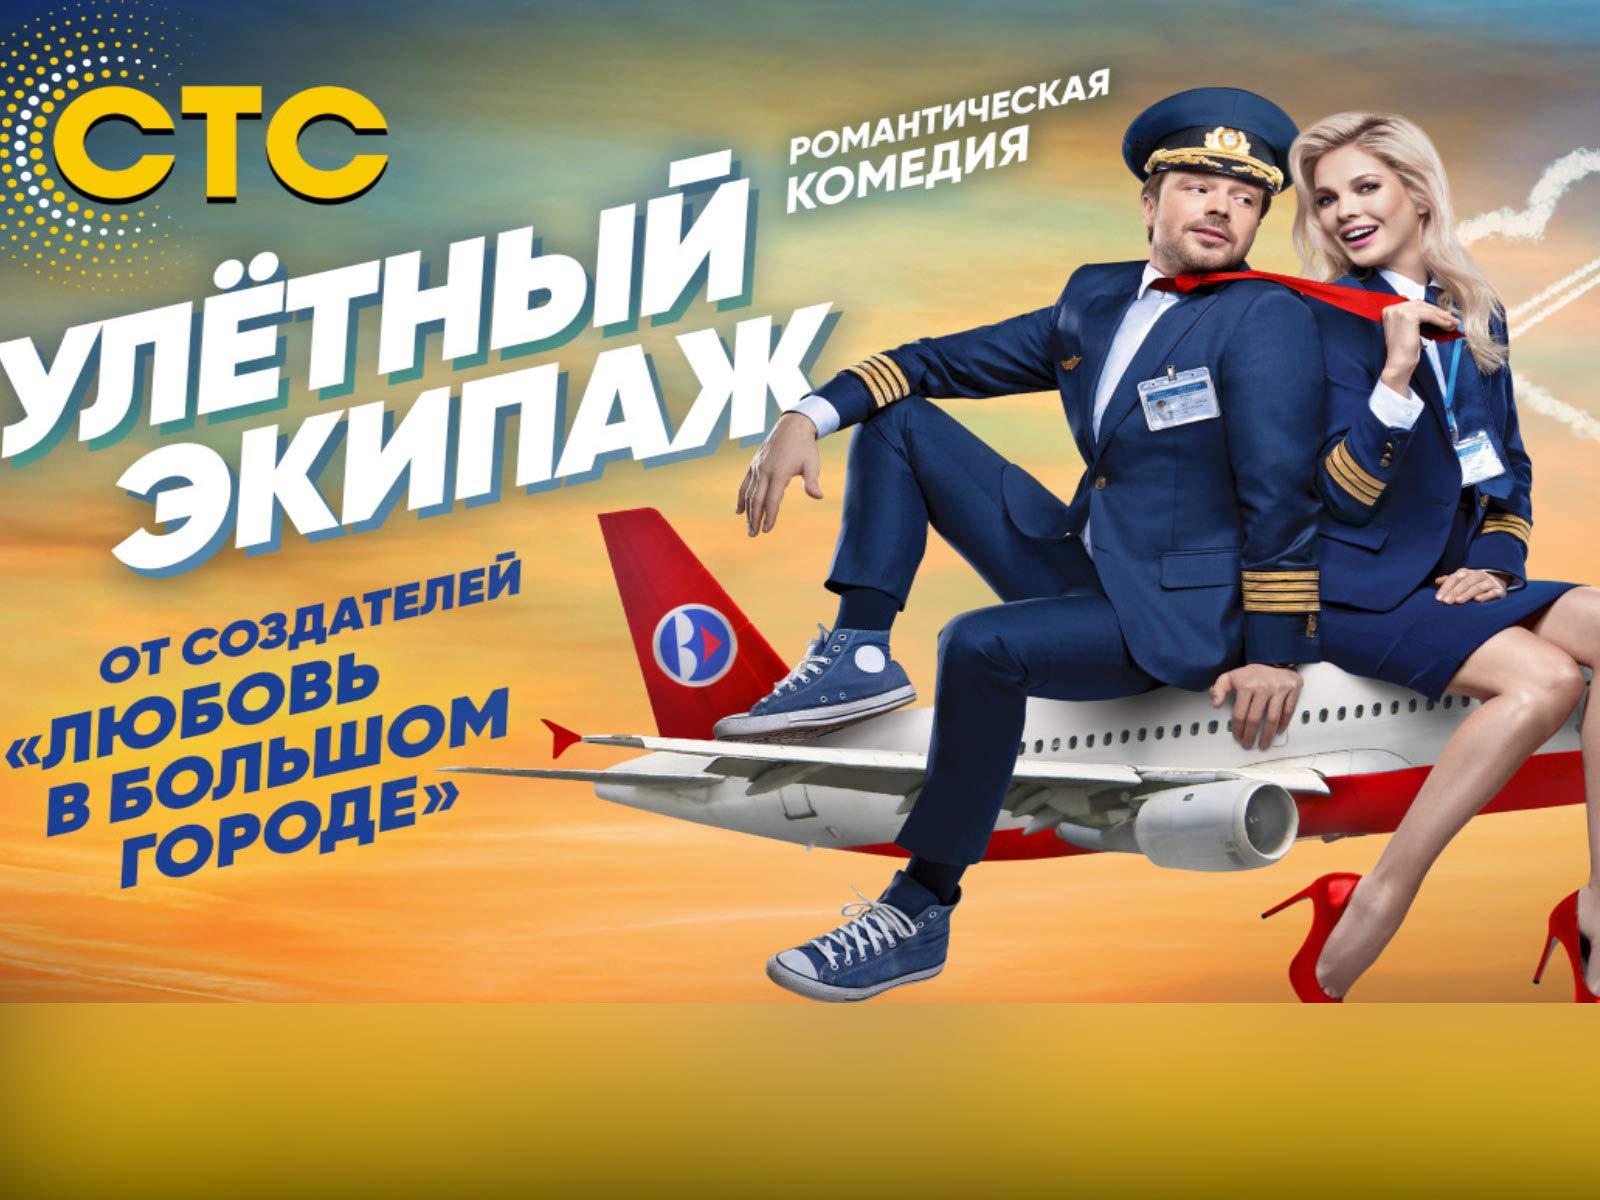 Flight crew on Amazon Prime Video UK